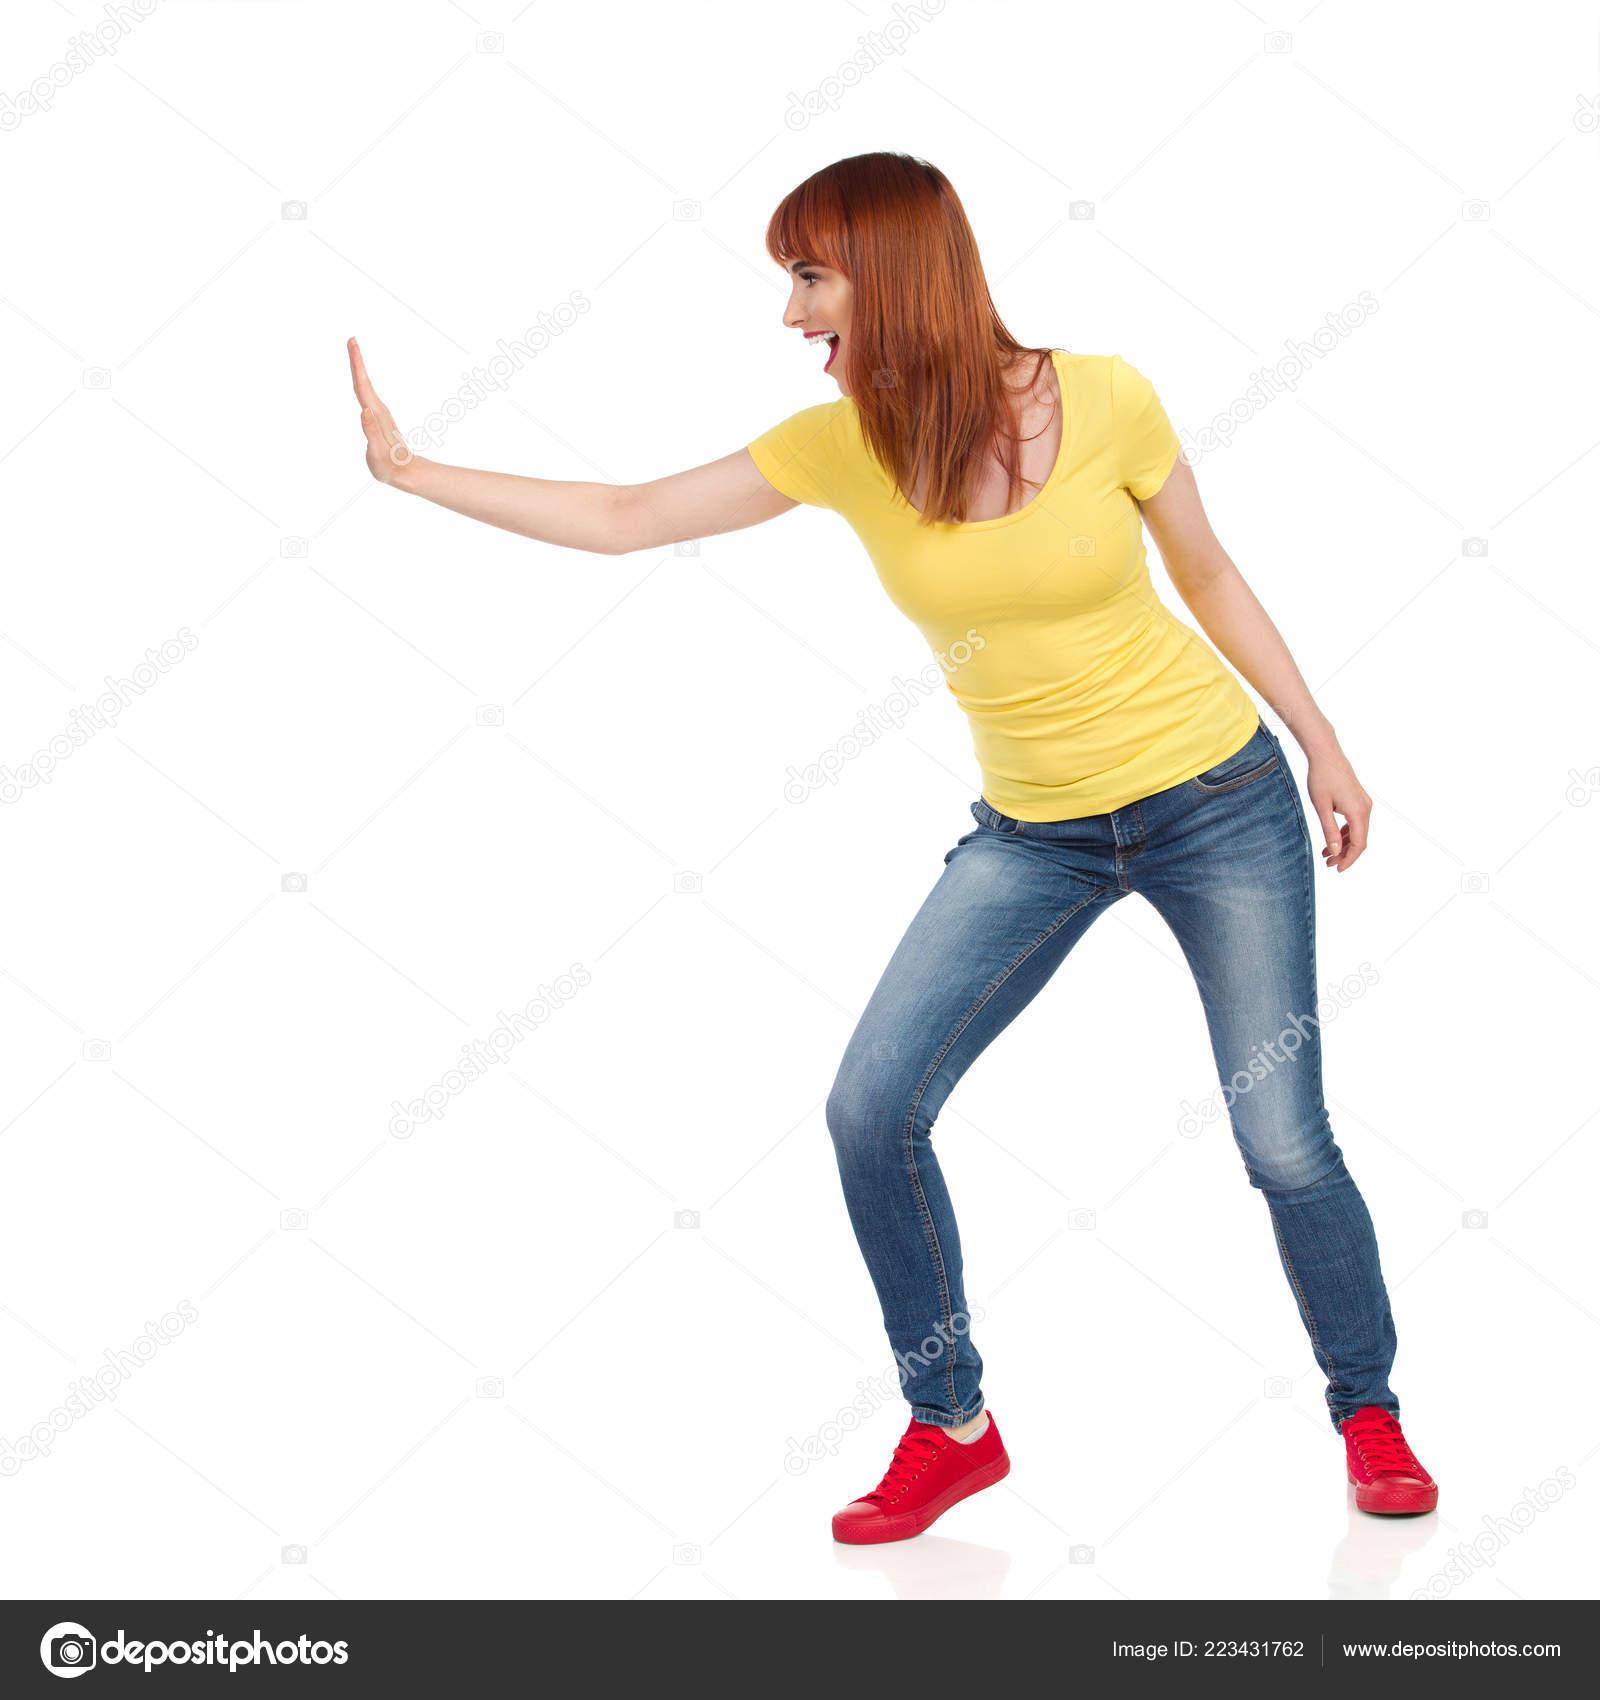 Zapatillas Pantalones Amarilla Vaqueros Camisa Deporte Joven Mujer dxoEQCWrBe